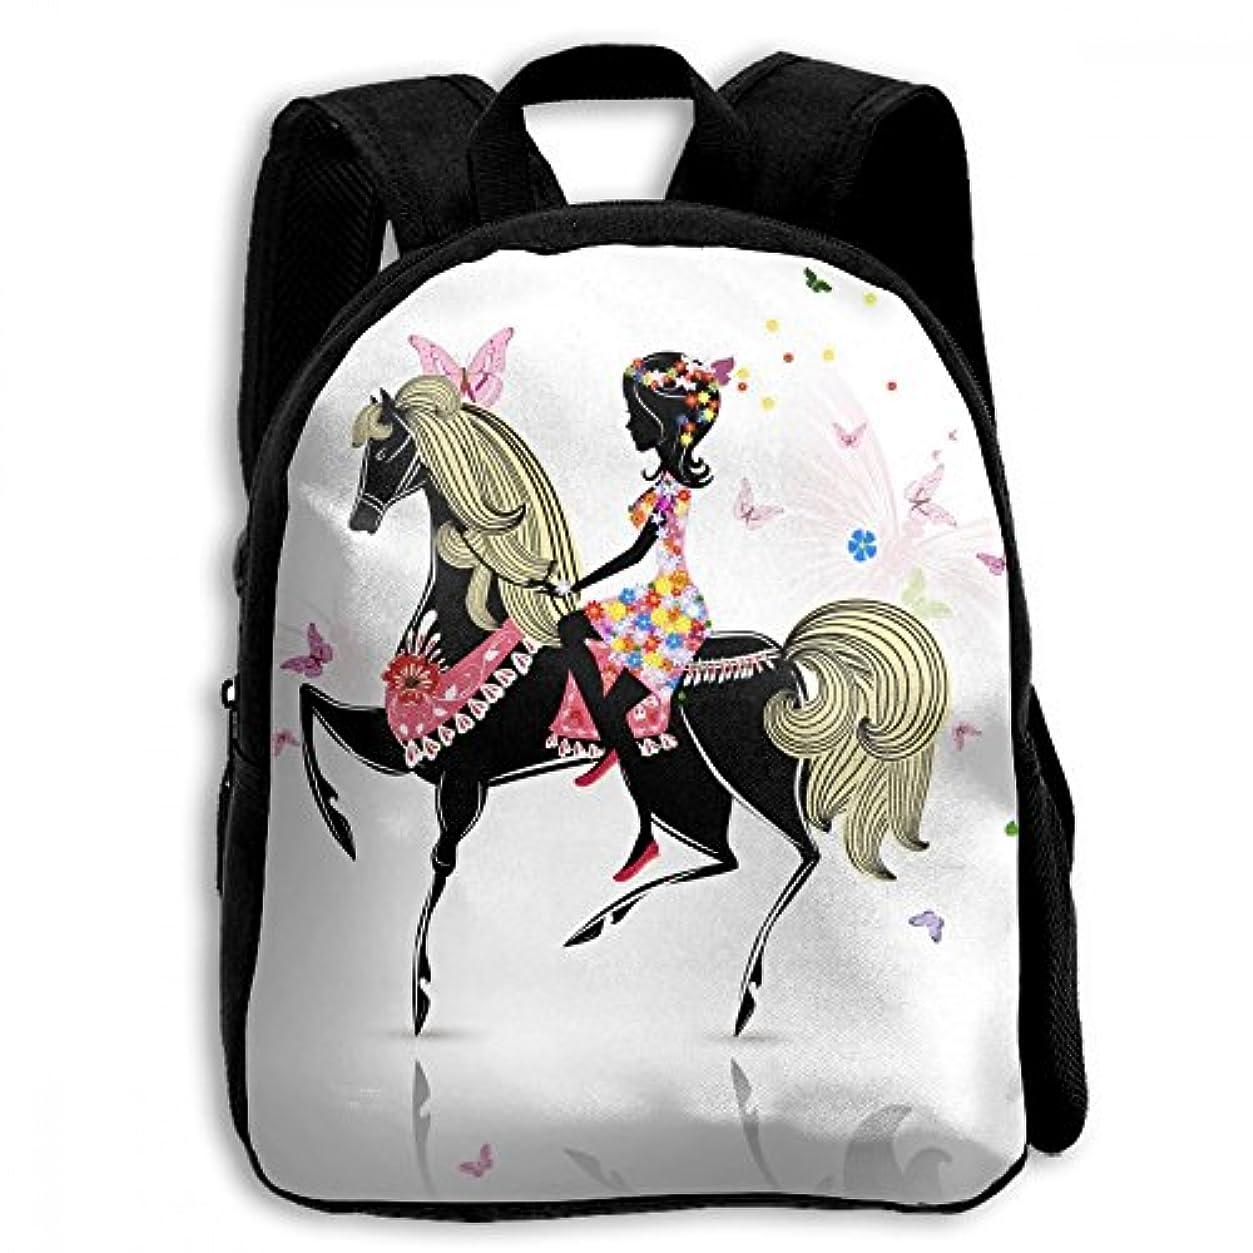 原告読書をするコンバーチブルキッズ リュックサック バックパック キッズバッグ 子供用のバッグ キッズリュック 学生 馬柄 動物 馬 女の子 アウトドア 通学 ハイキング 遠足